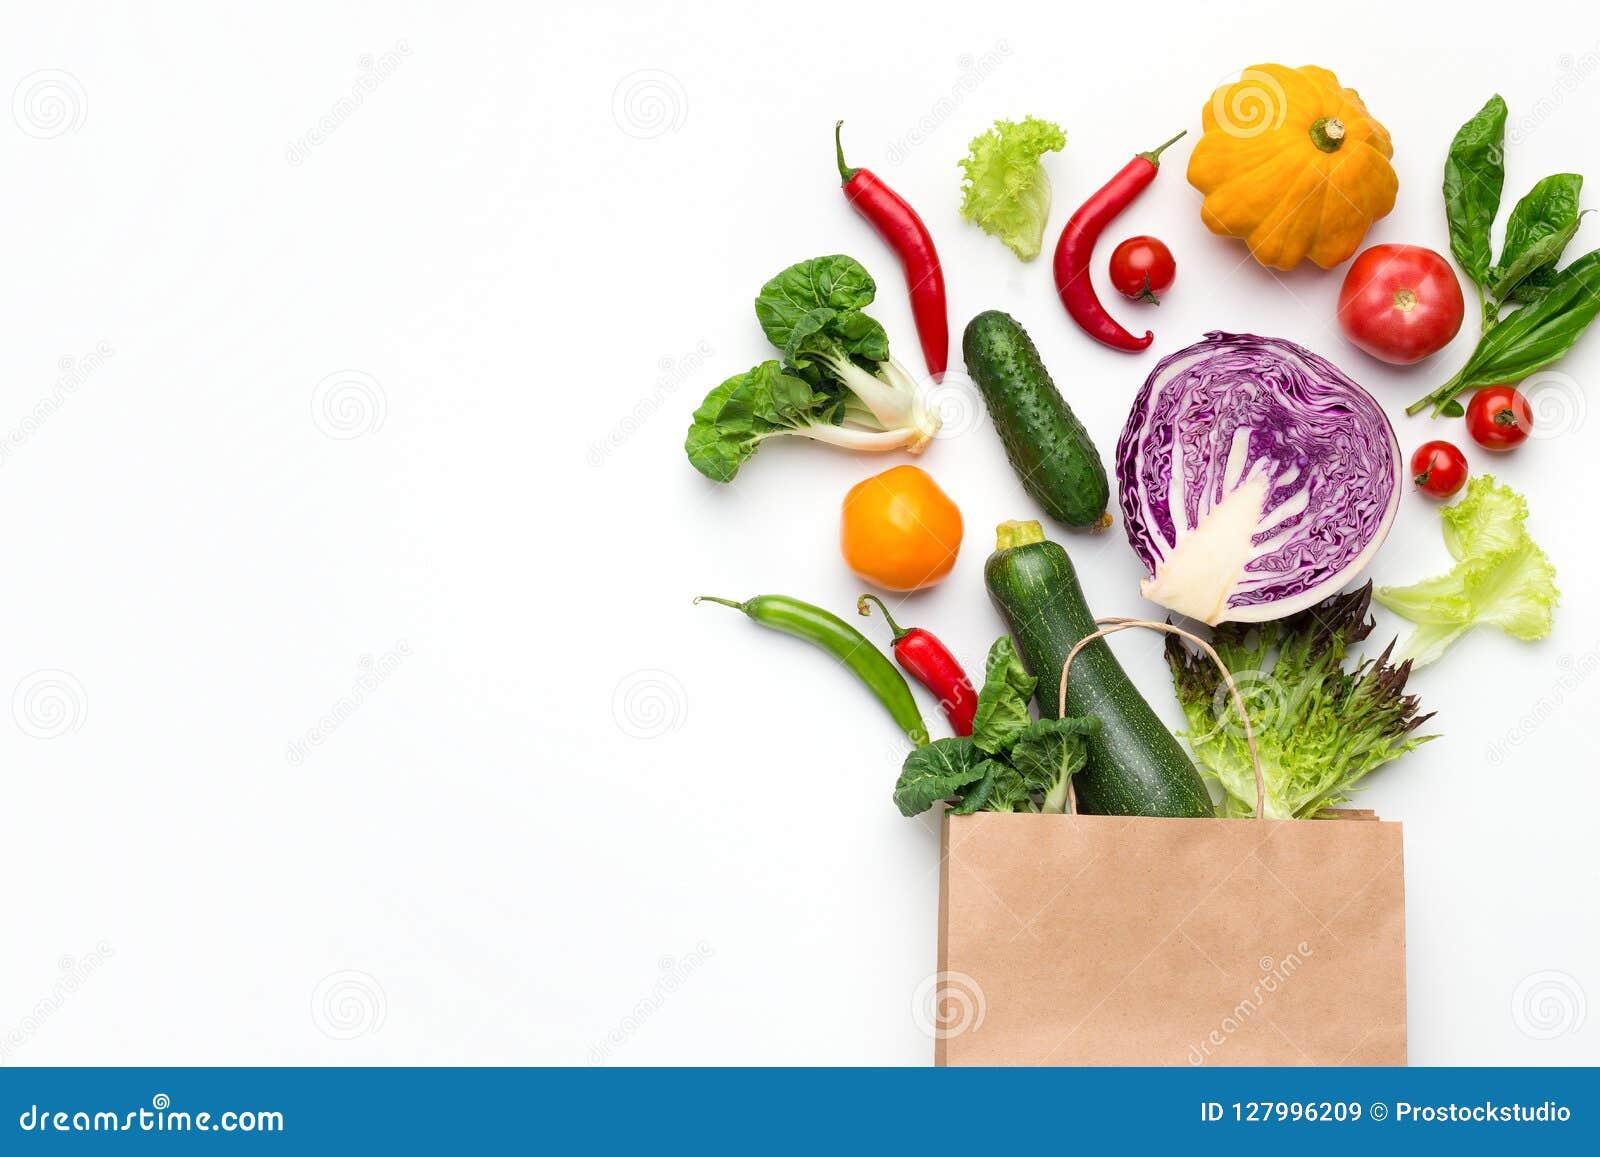 与有机菜的Eco友好的购物袋